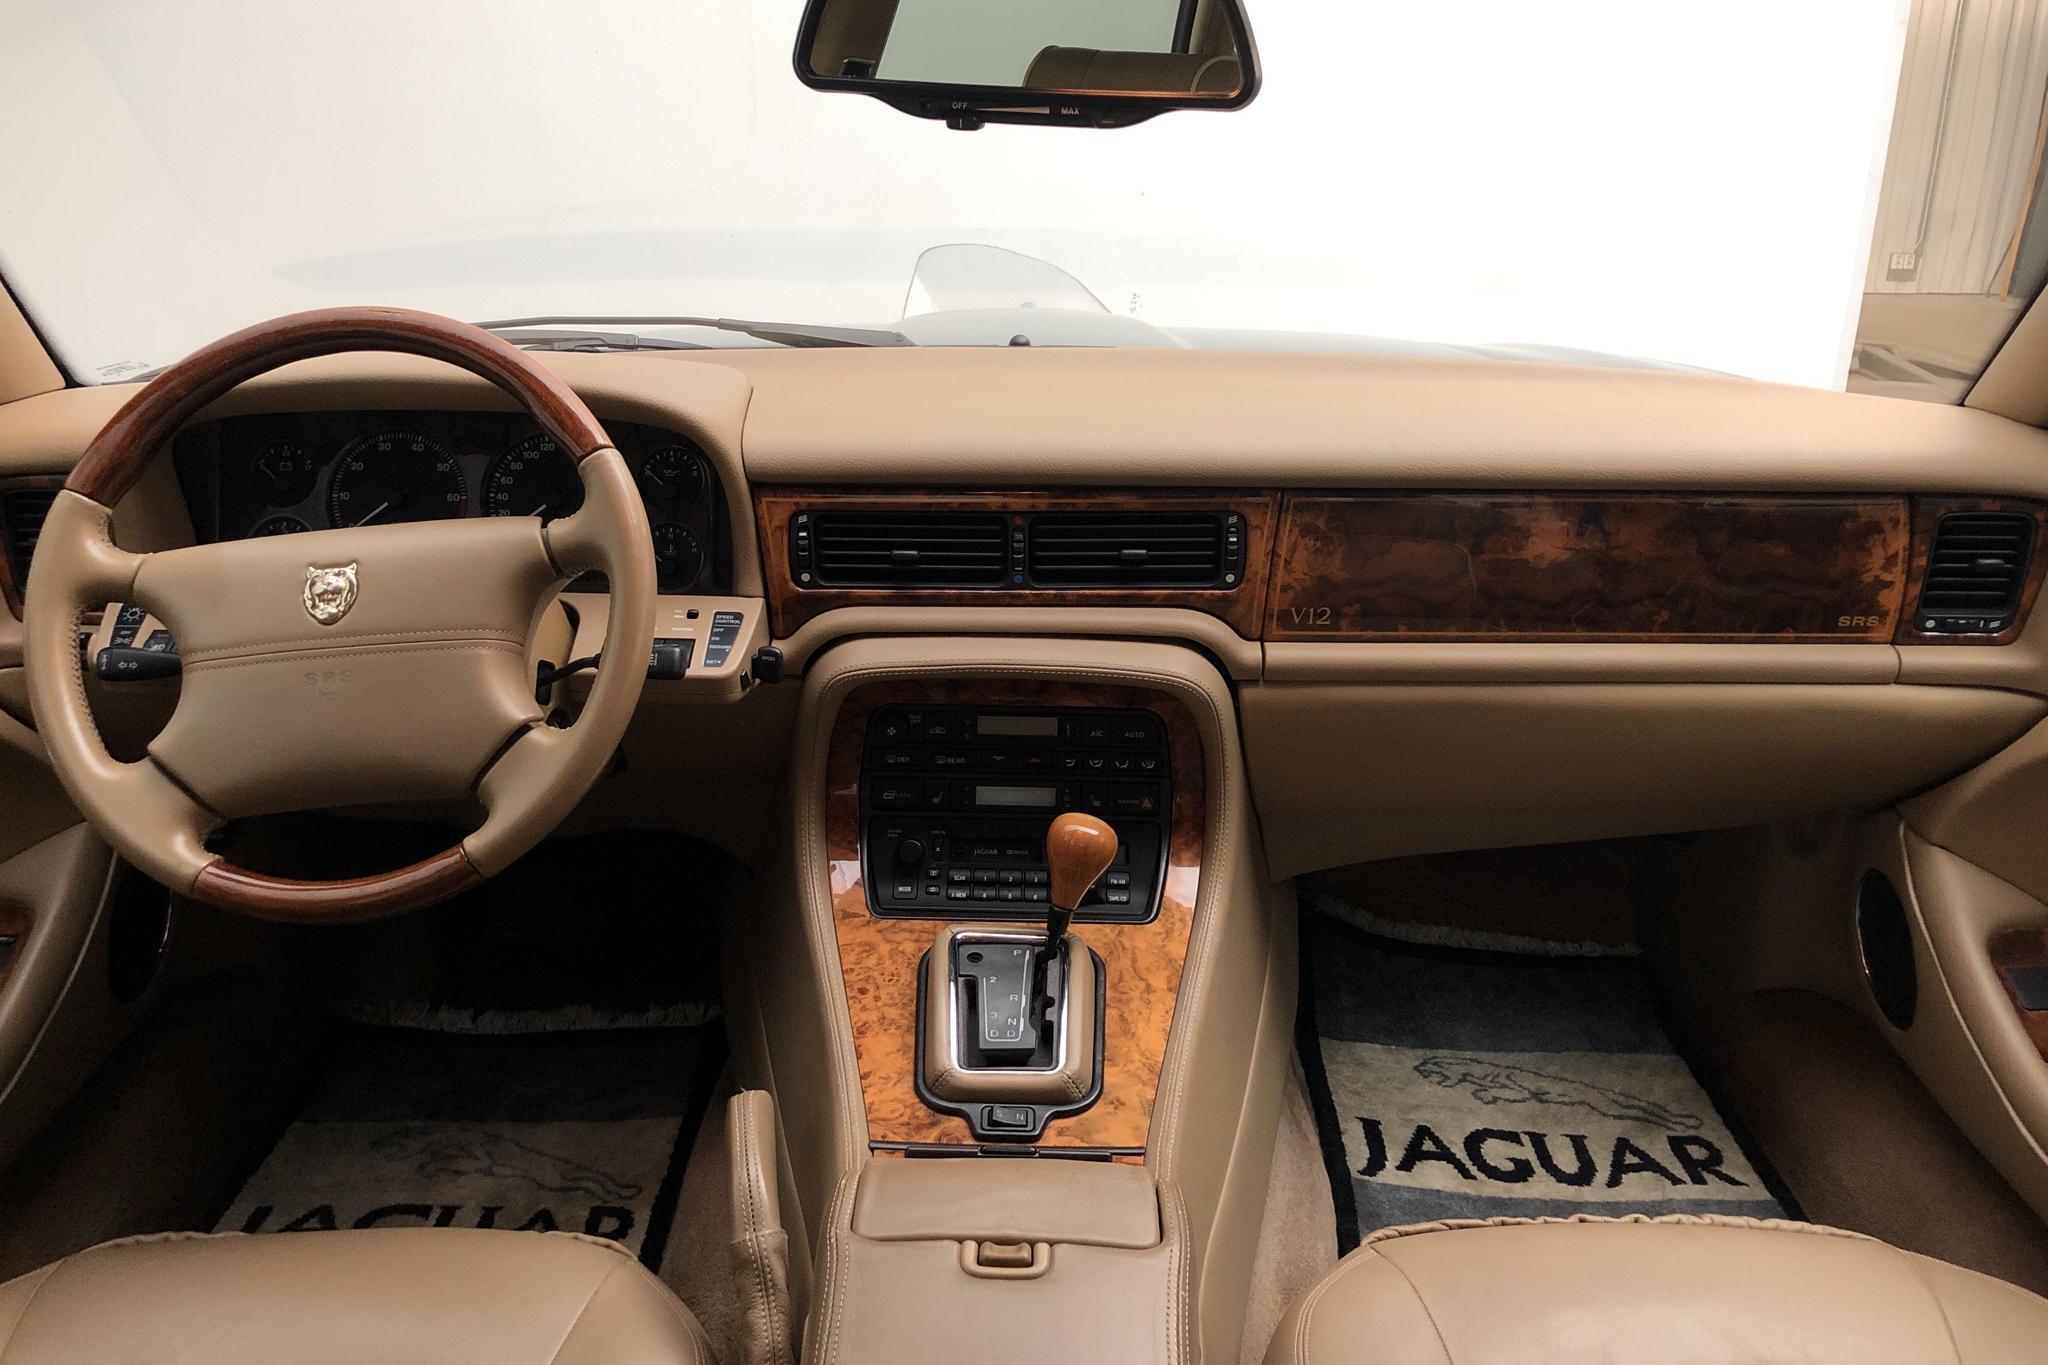 Jaguar XJ 12 6.0 (320hk) - 9 806 mil - Automat - Dark Green - 1995